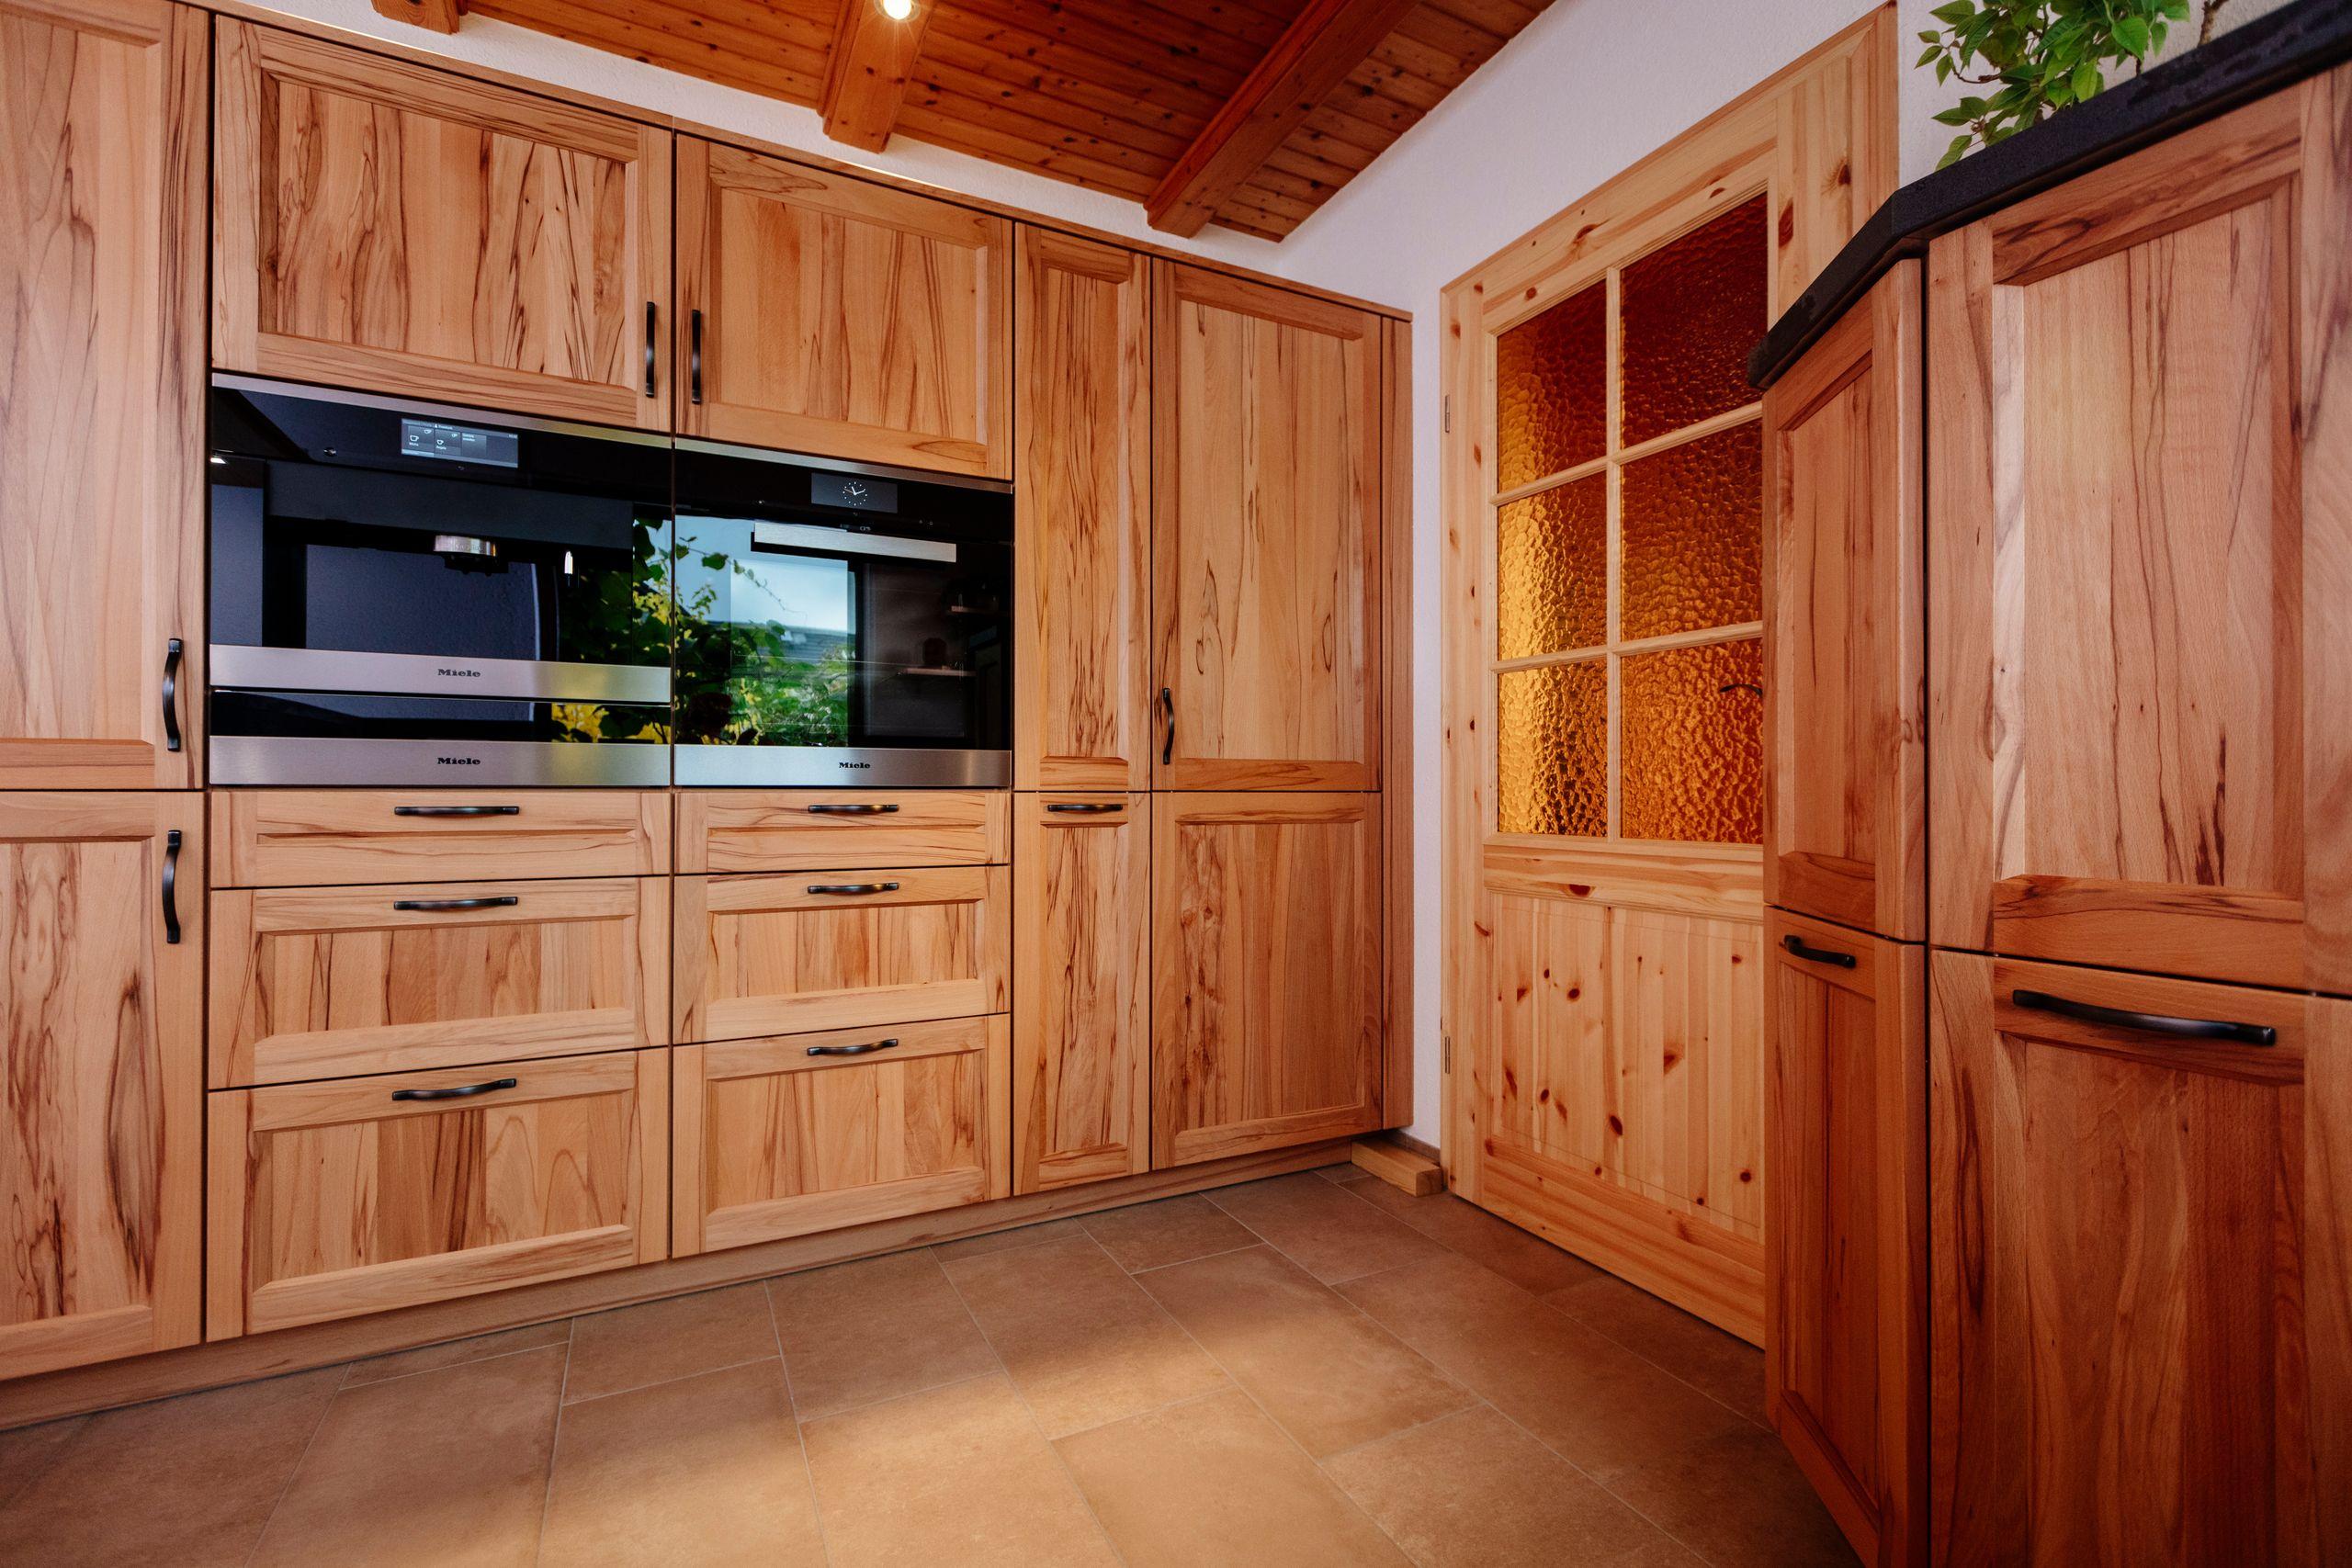 Full Size of Holzküche Mit Granitarbeitsplatte Holzküche Reinigen Holzküche Kaufen Holzküche Fichte Küche Holzküche